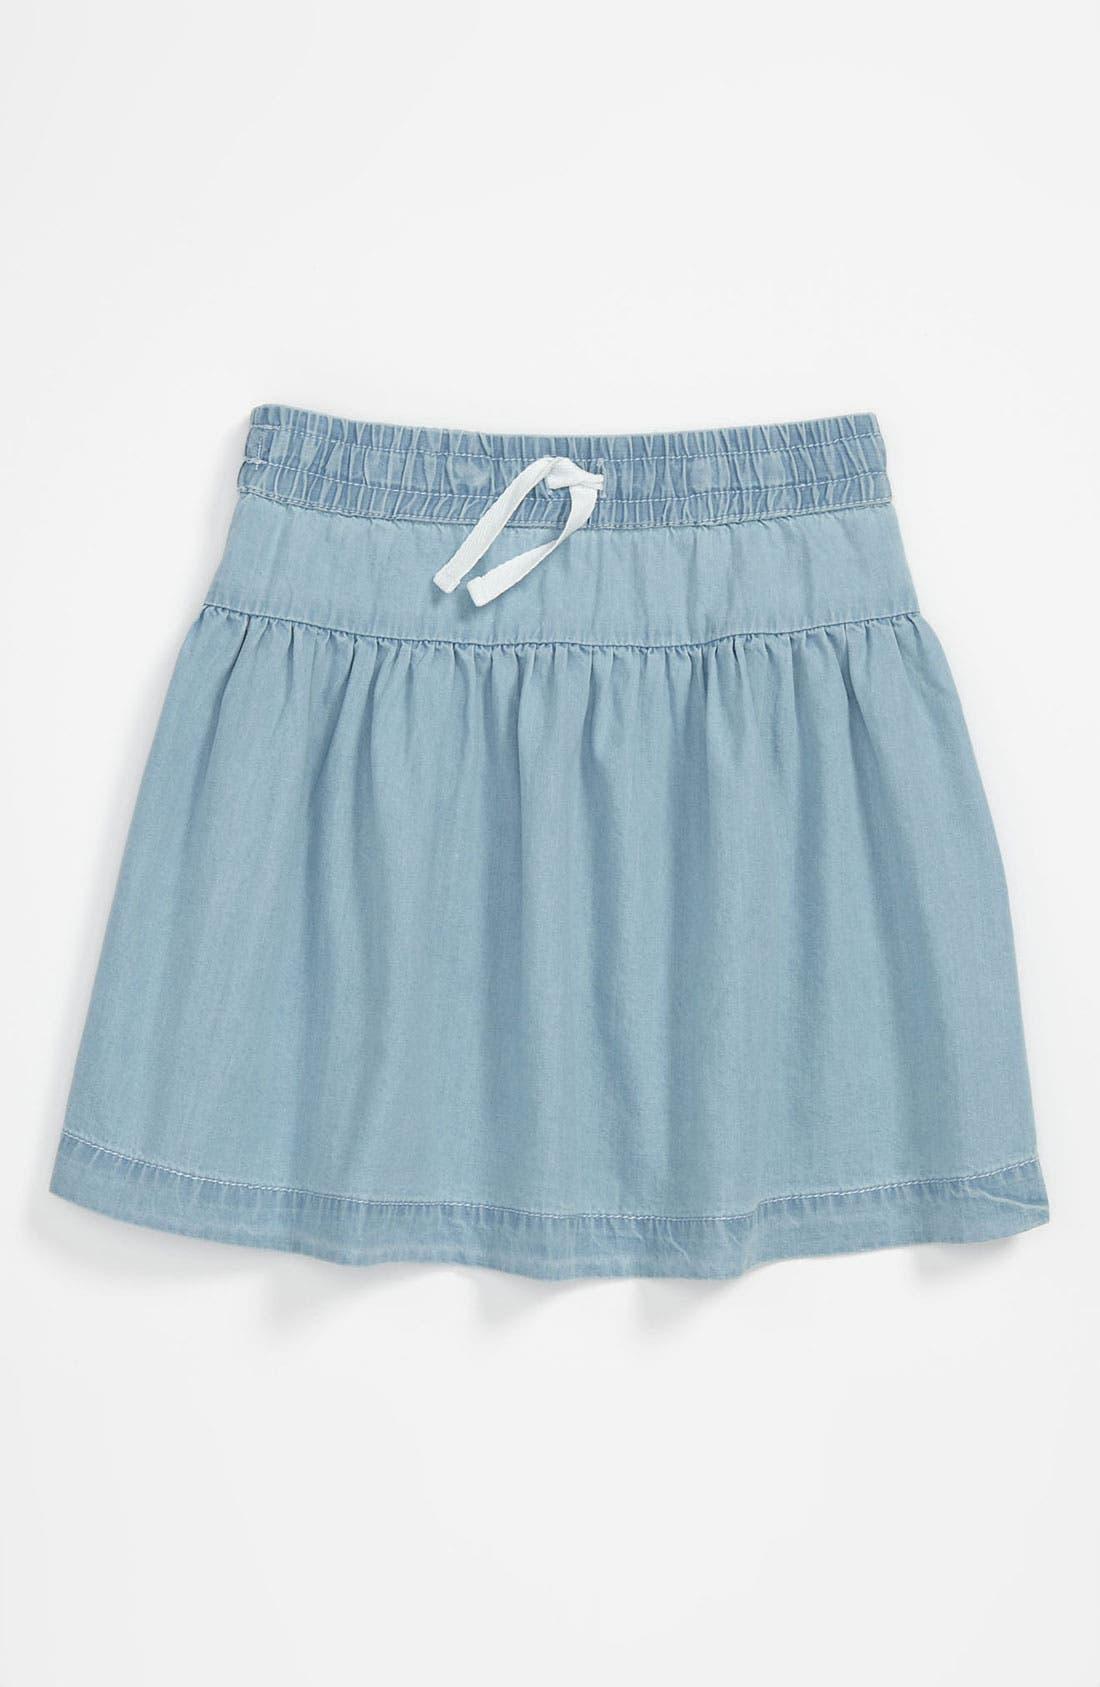 Alternate Image 1 Selected - Tucker + Tate 'Pippa' Chambray Skirt (Little Girls)